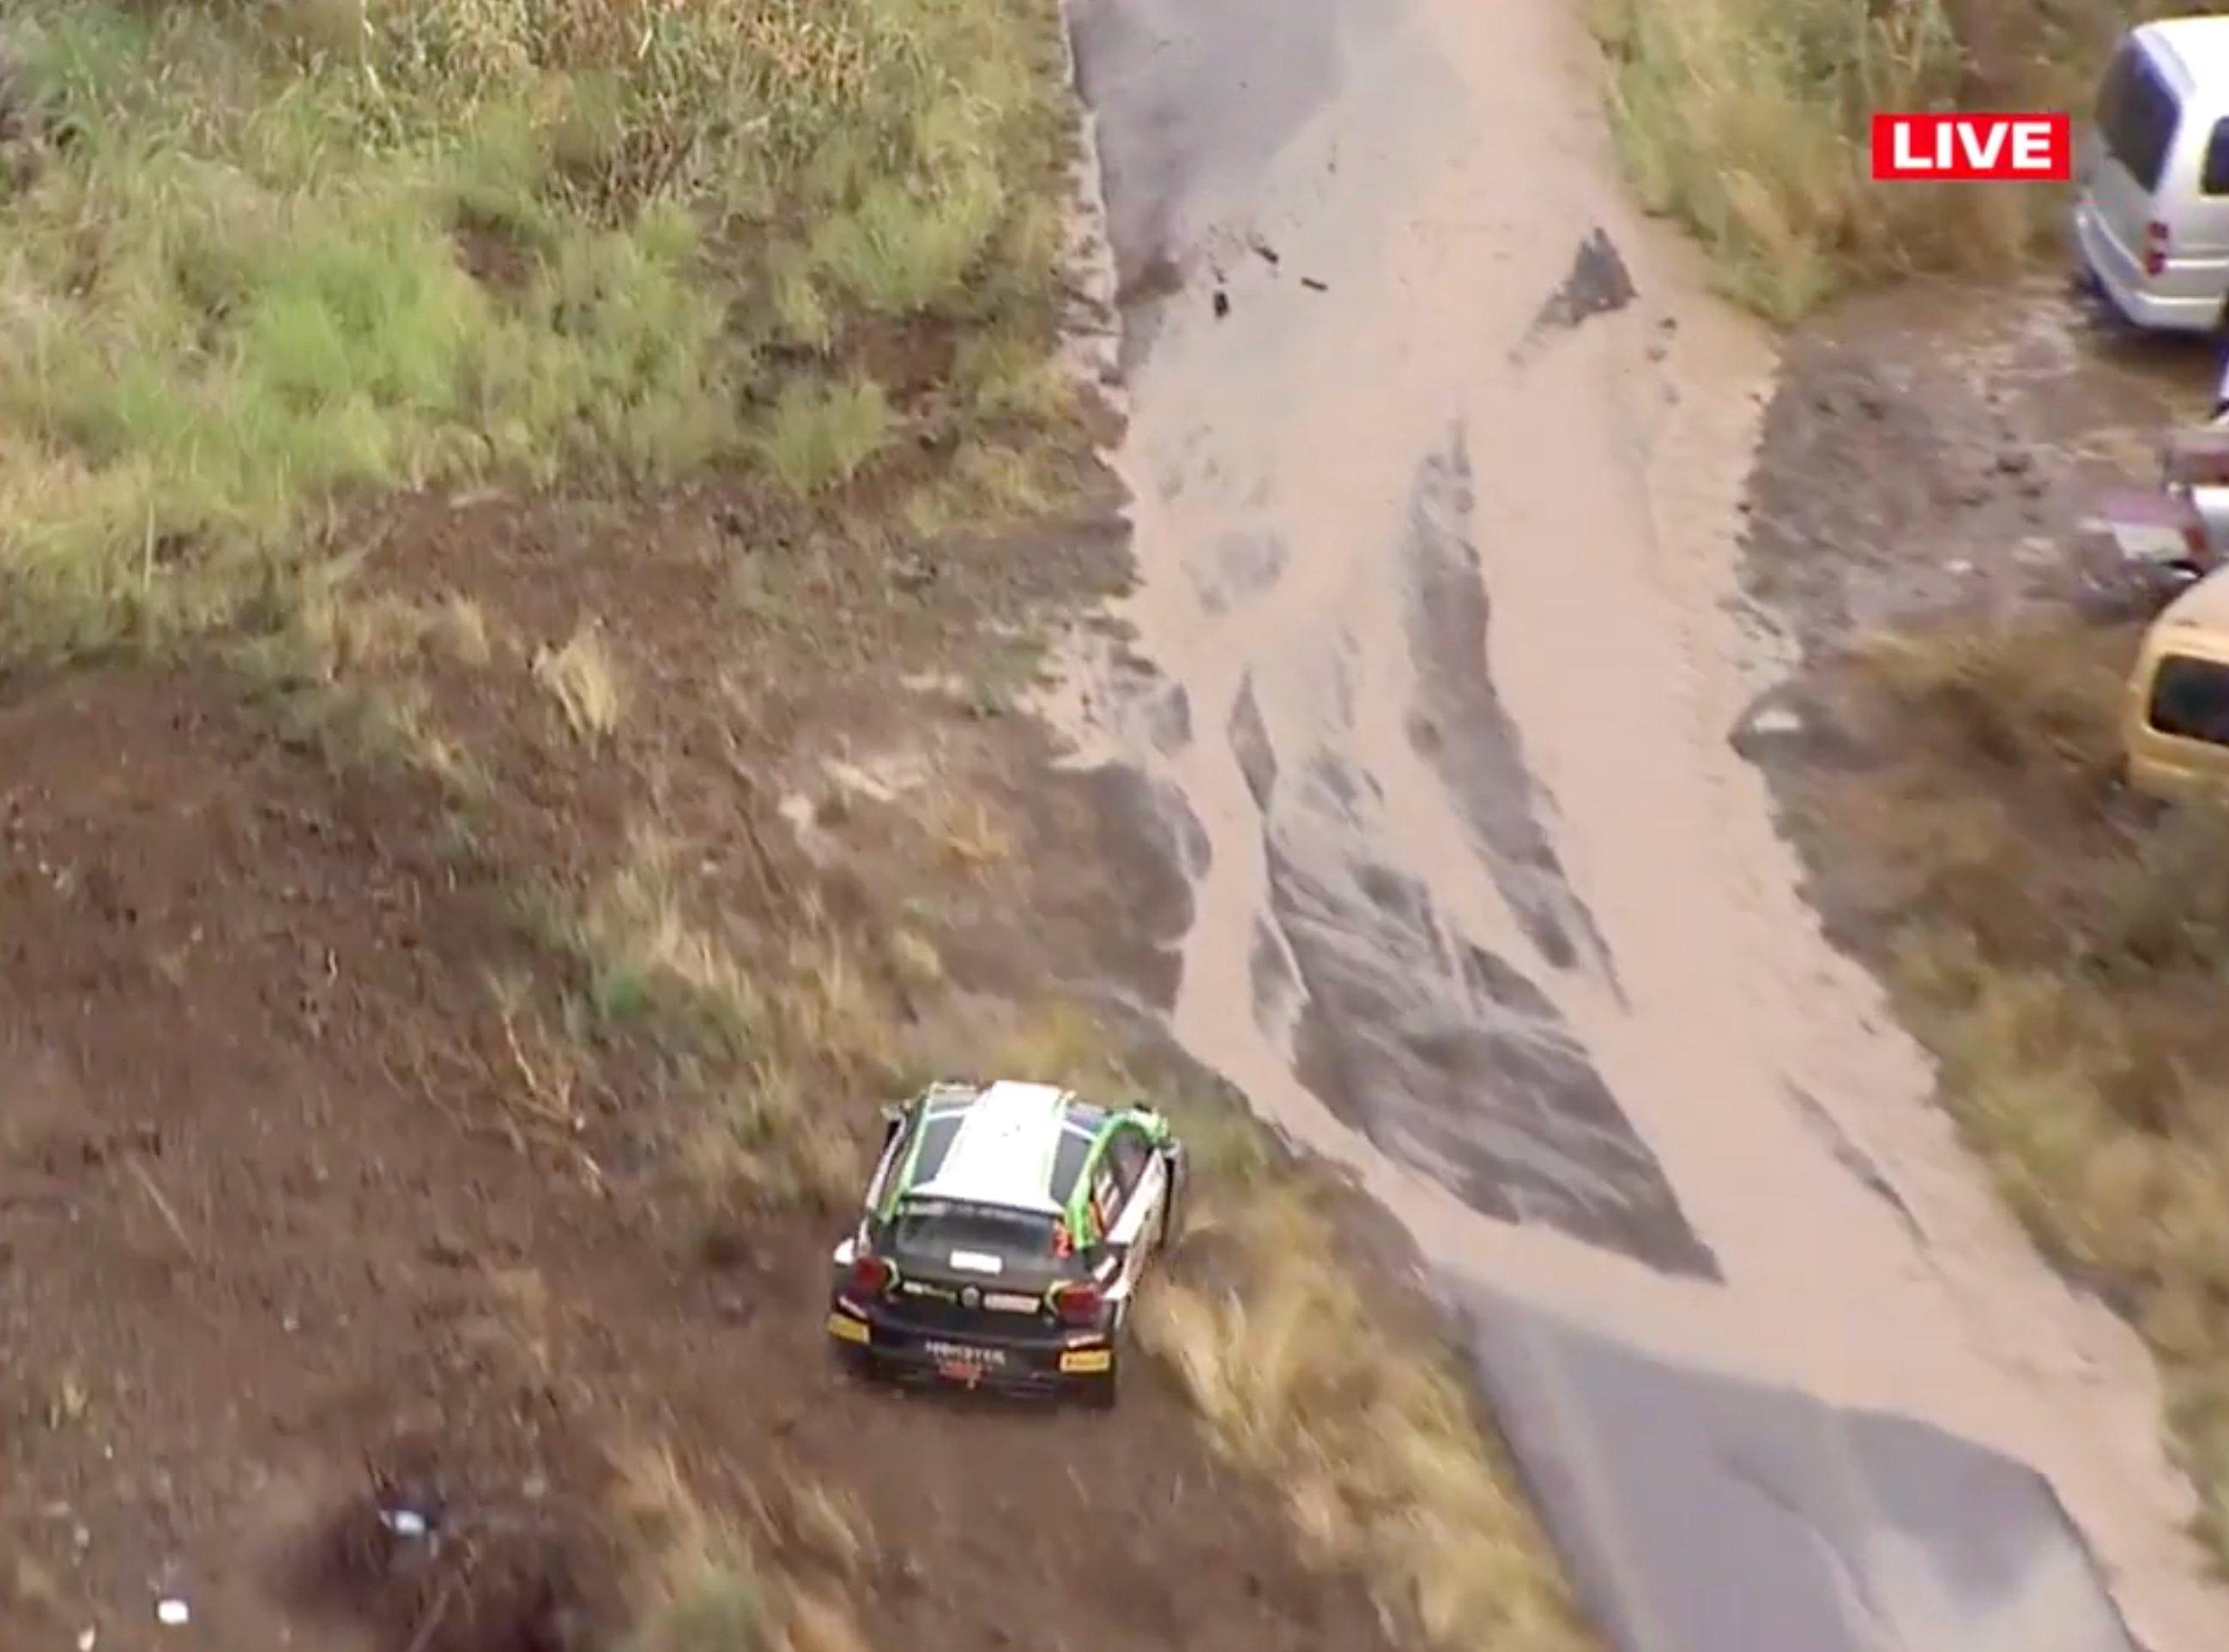 ERC + SCER + CERA: 44º Rallye Islas Canarias [26-28 Noviembre] - Página 7 En56cZRWMAEd4S9?format=jpg&name=4096x4096